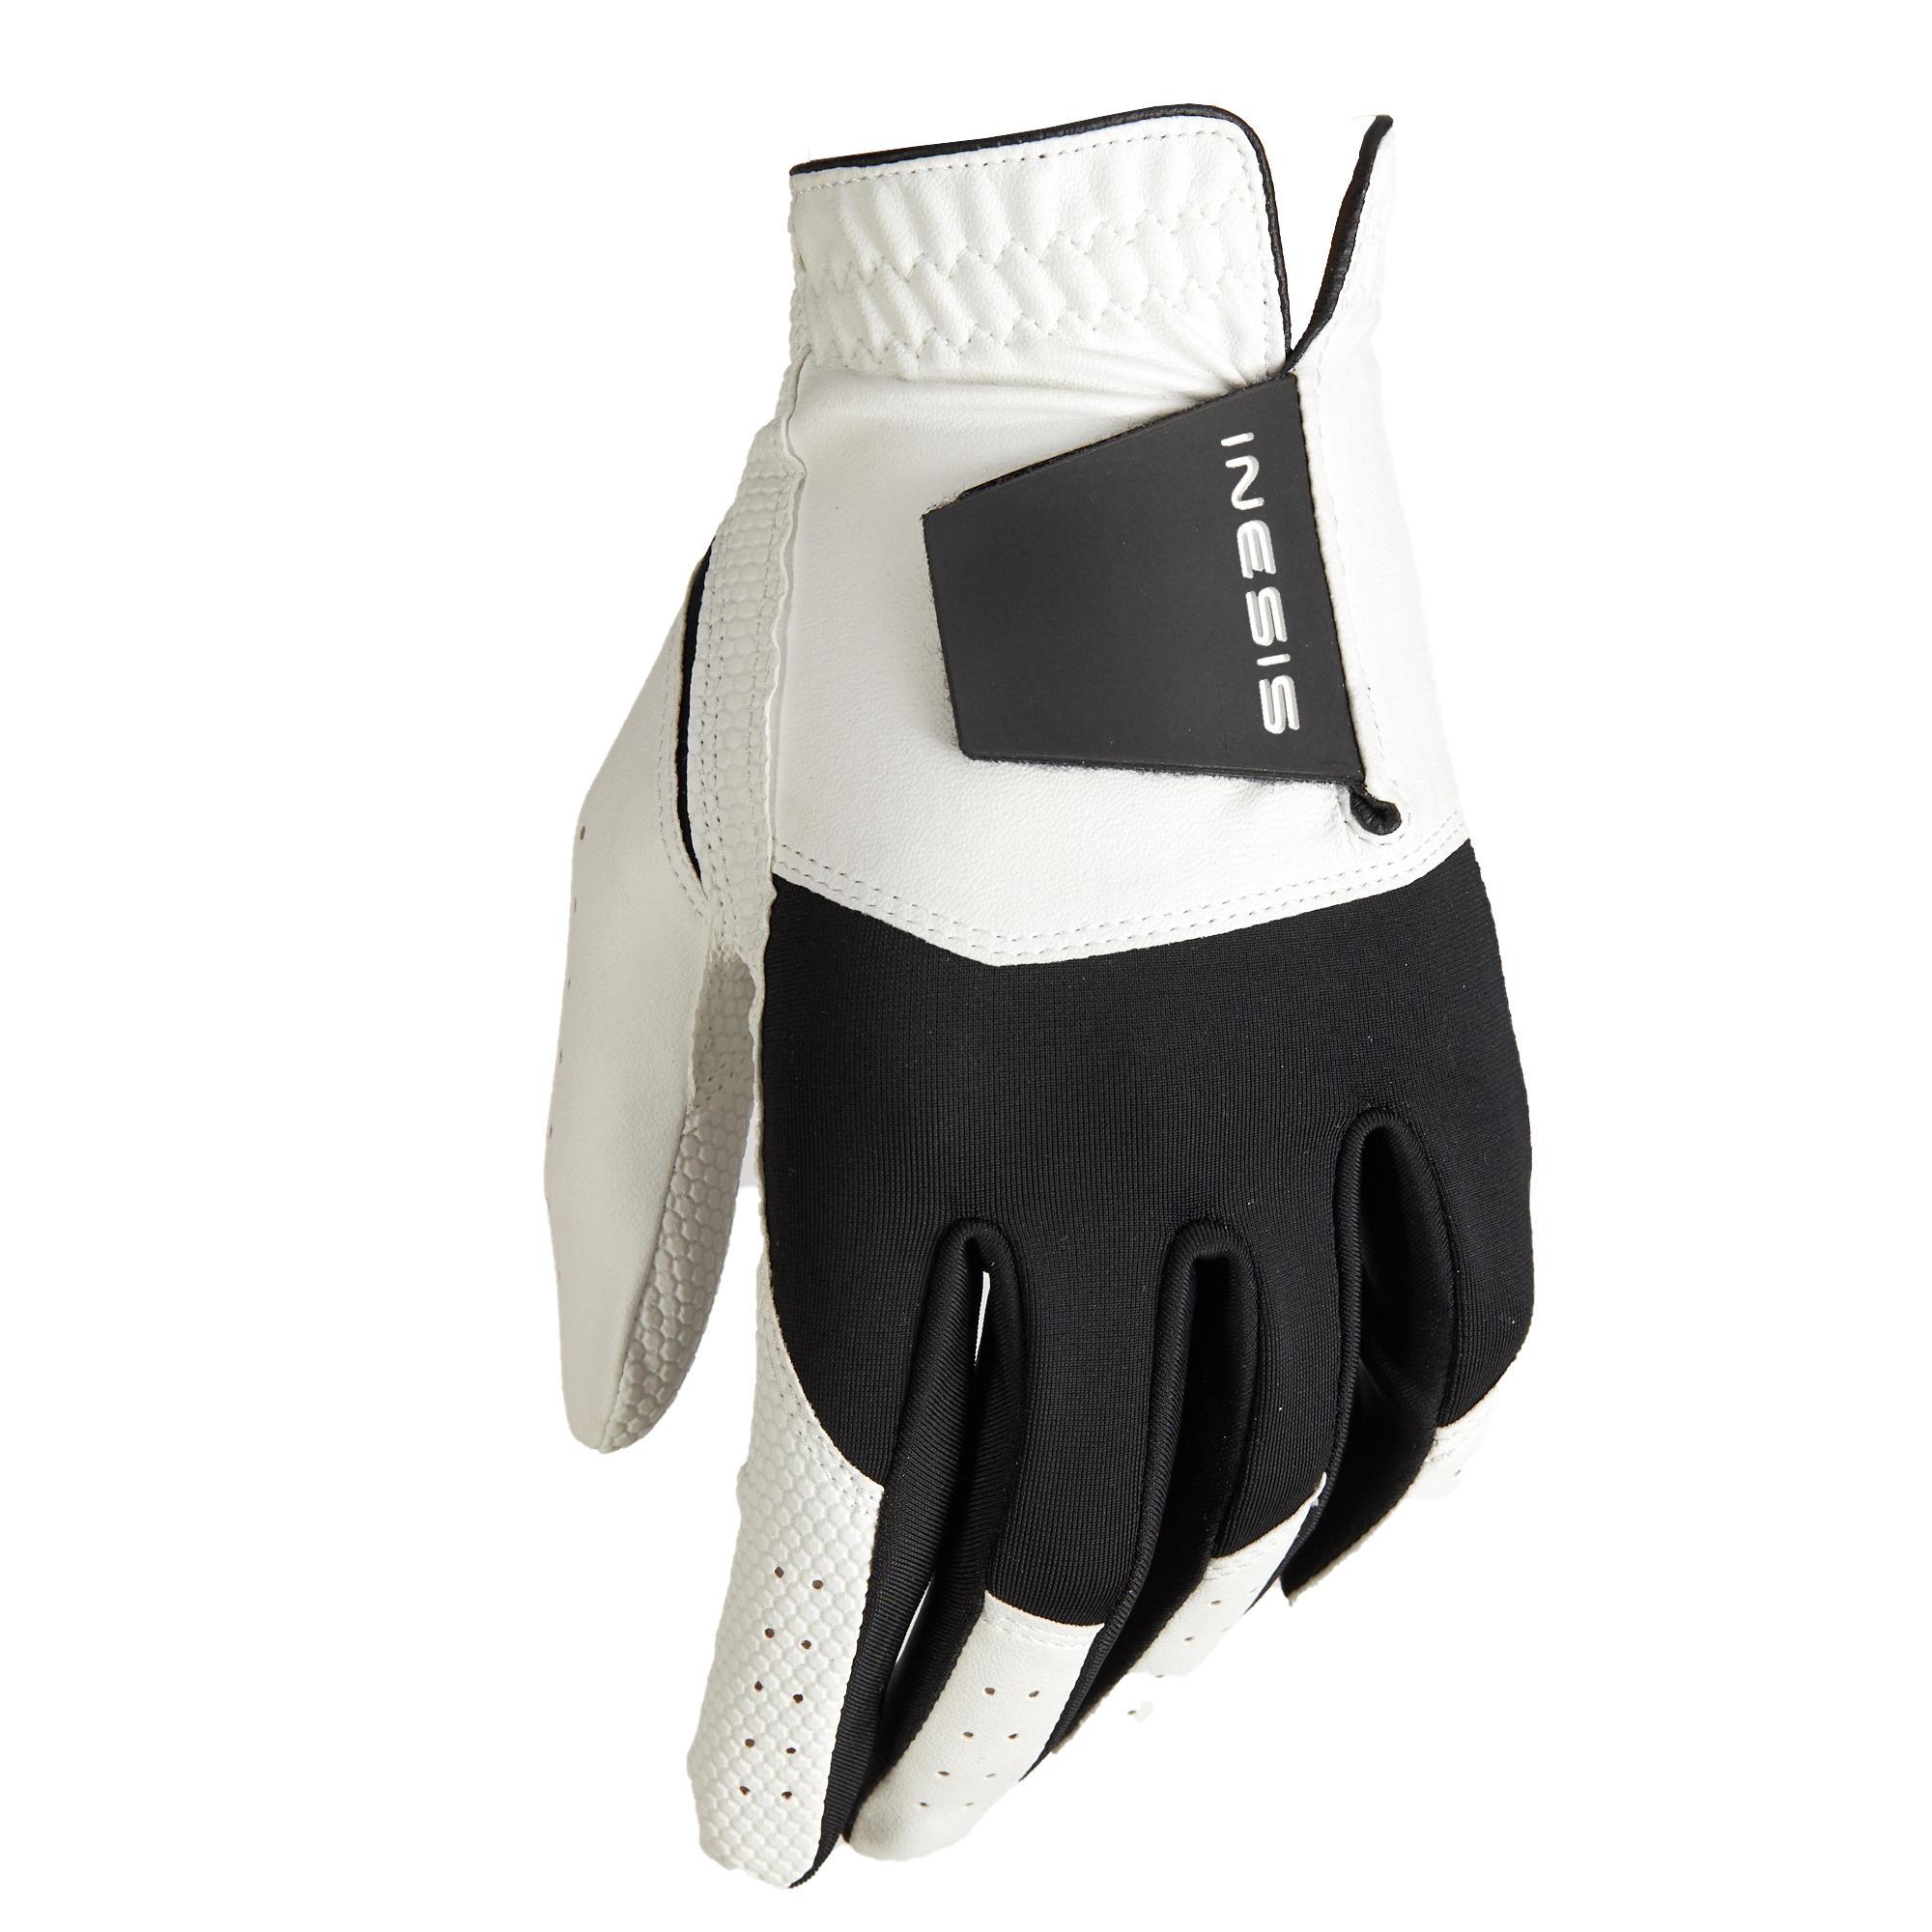 Inesis Golfhandschoen voor kinderen rechtshandig wit kopen